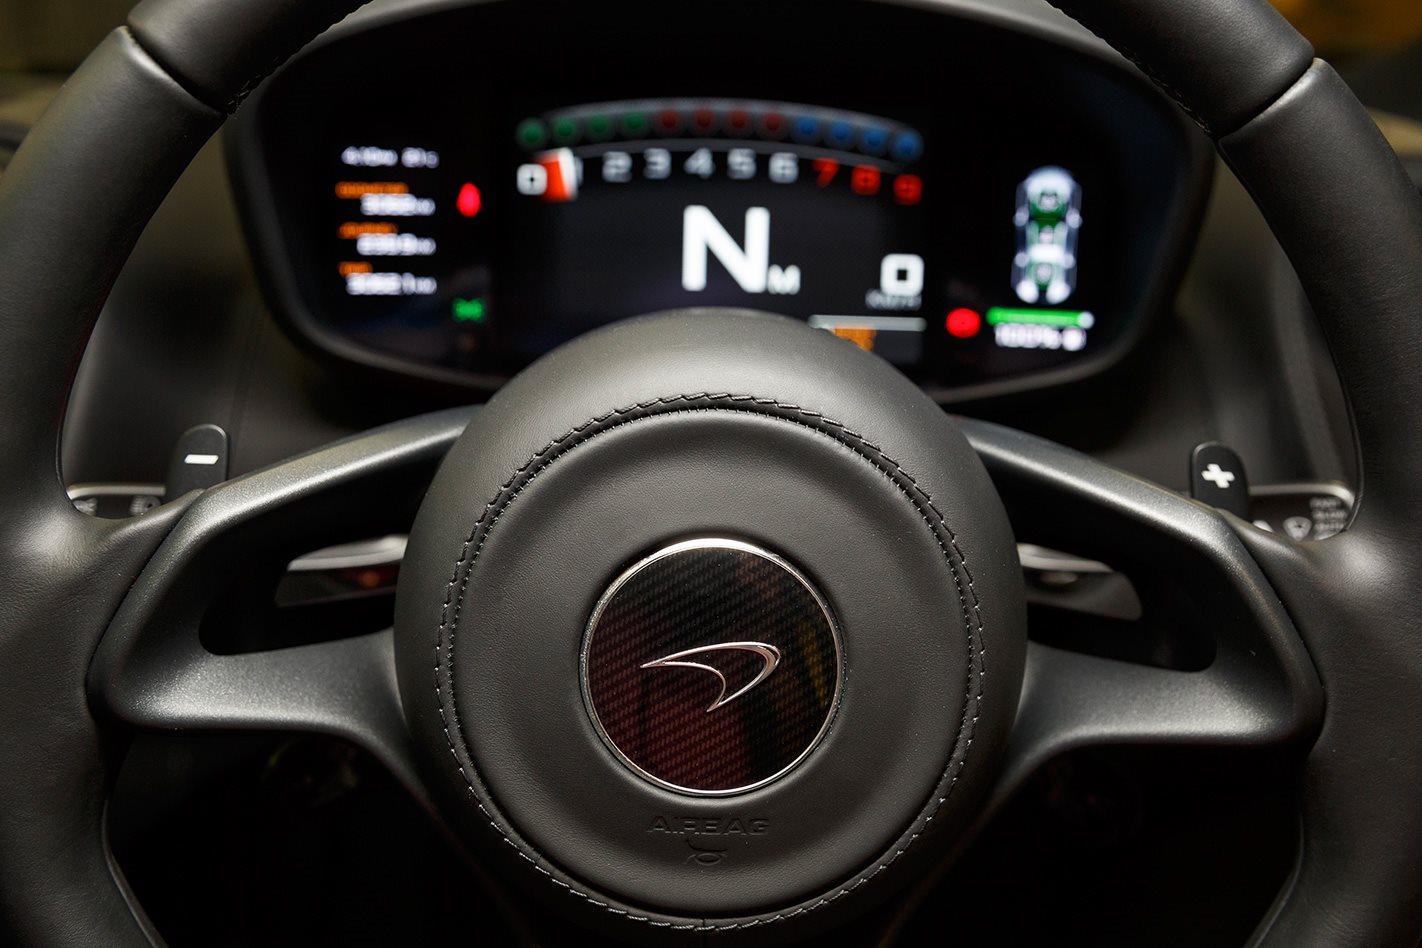 2017 McLaren 570S steering wheel